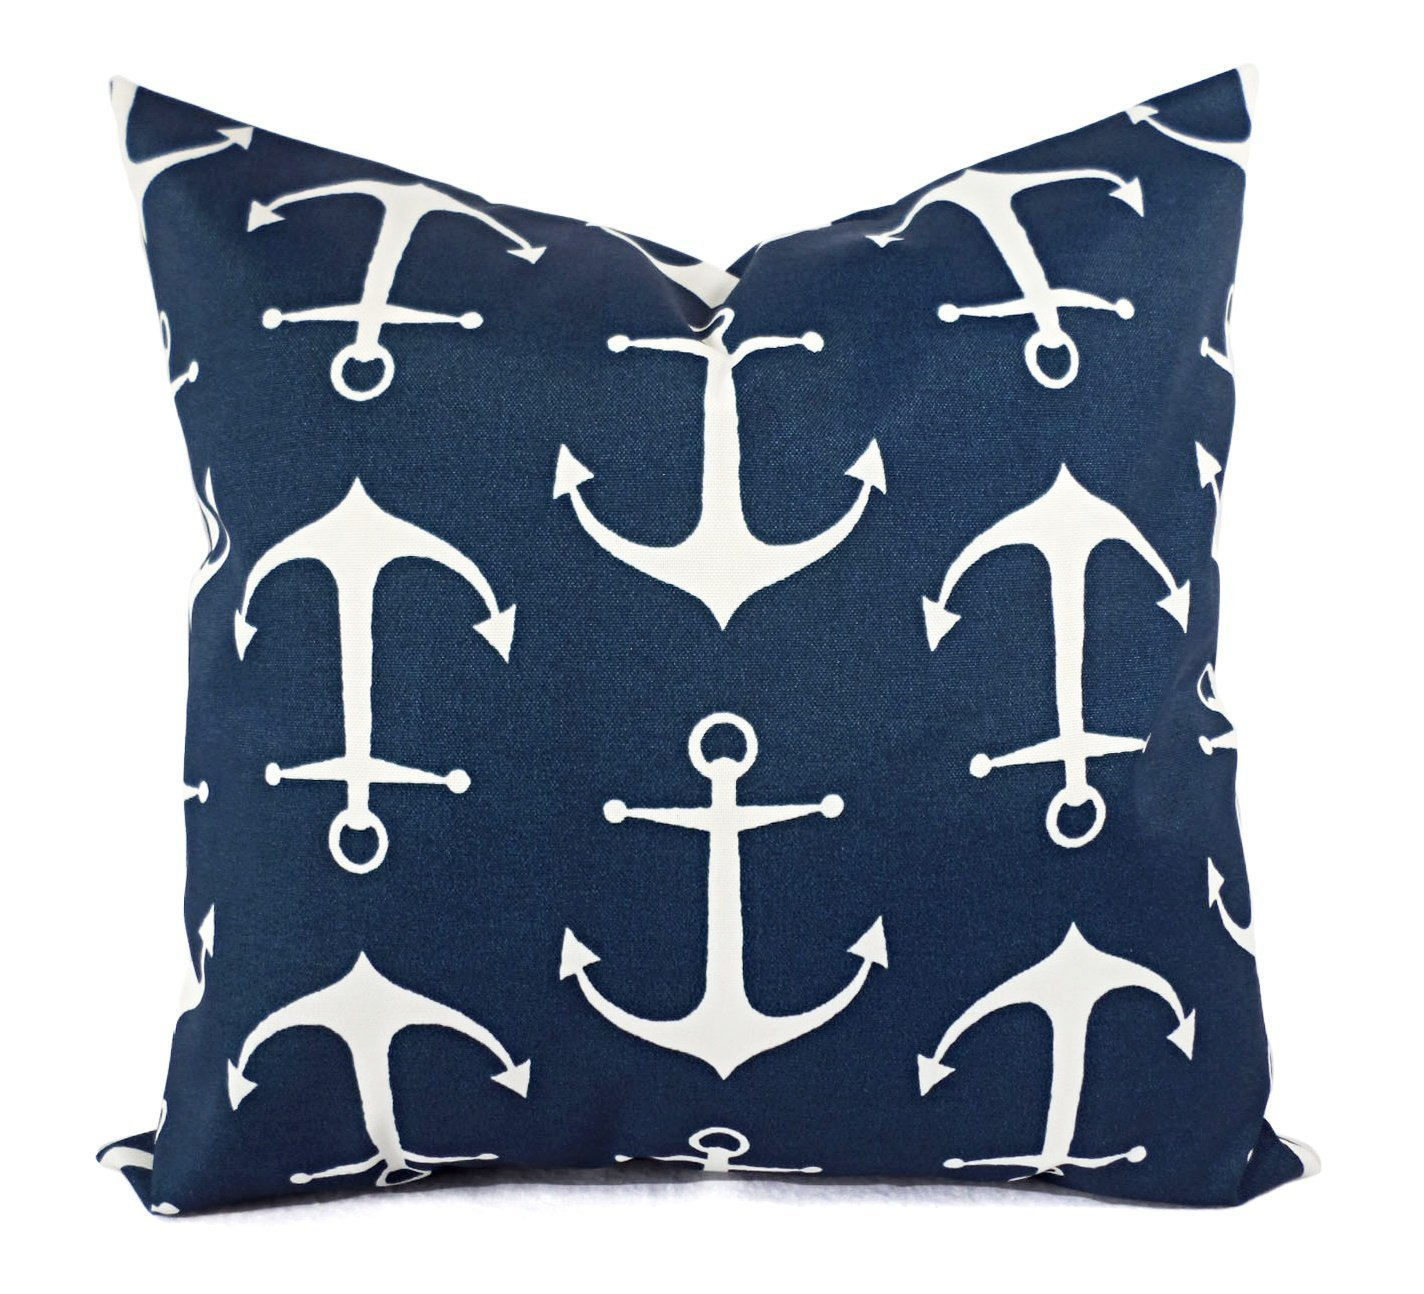 Outdoor Pillow Cover - Navy Sailor Pillow Shams - Blue Nautical Pillow Covers - Outdoor Pillow Cases - Decorative Pillows - Accent Pillows